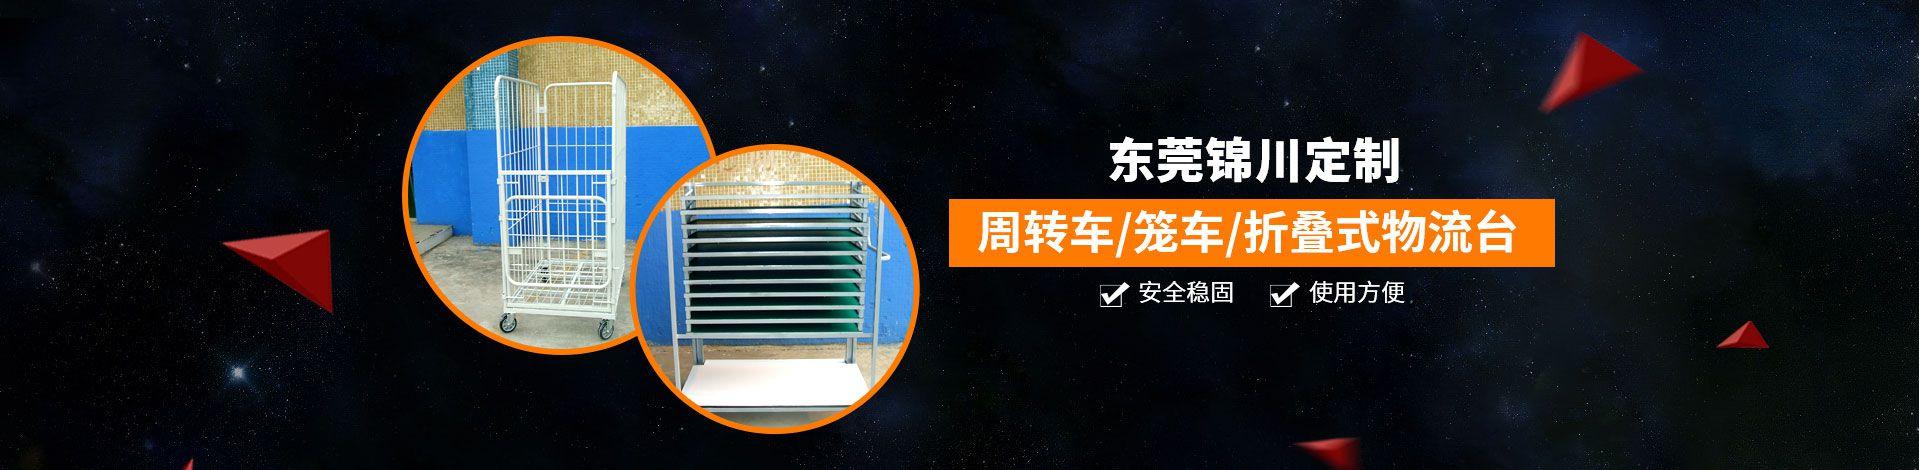 东莞锦川物流设备有限公司